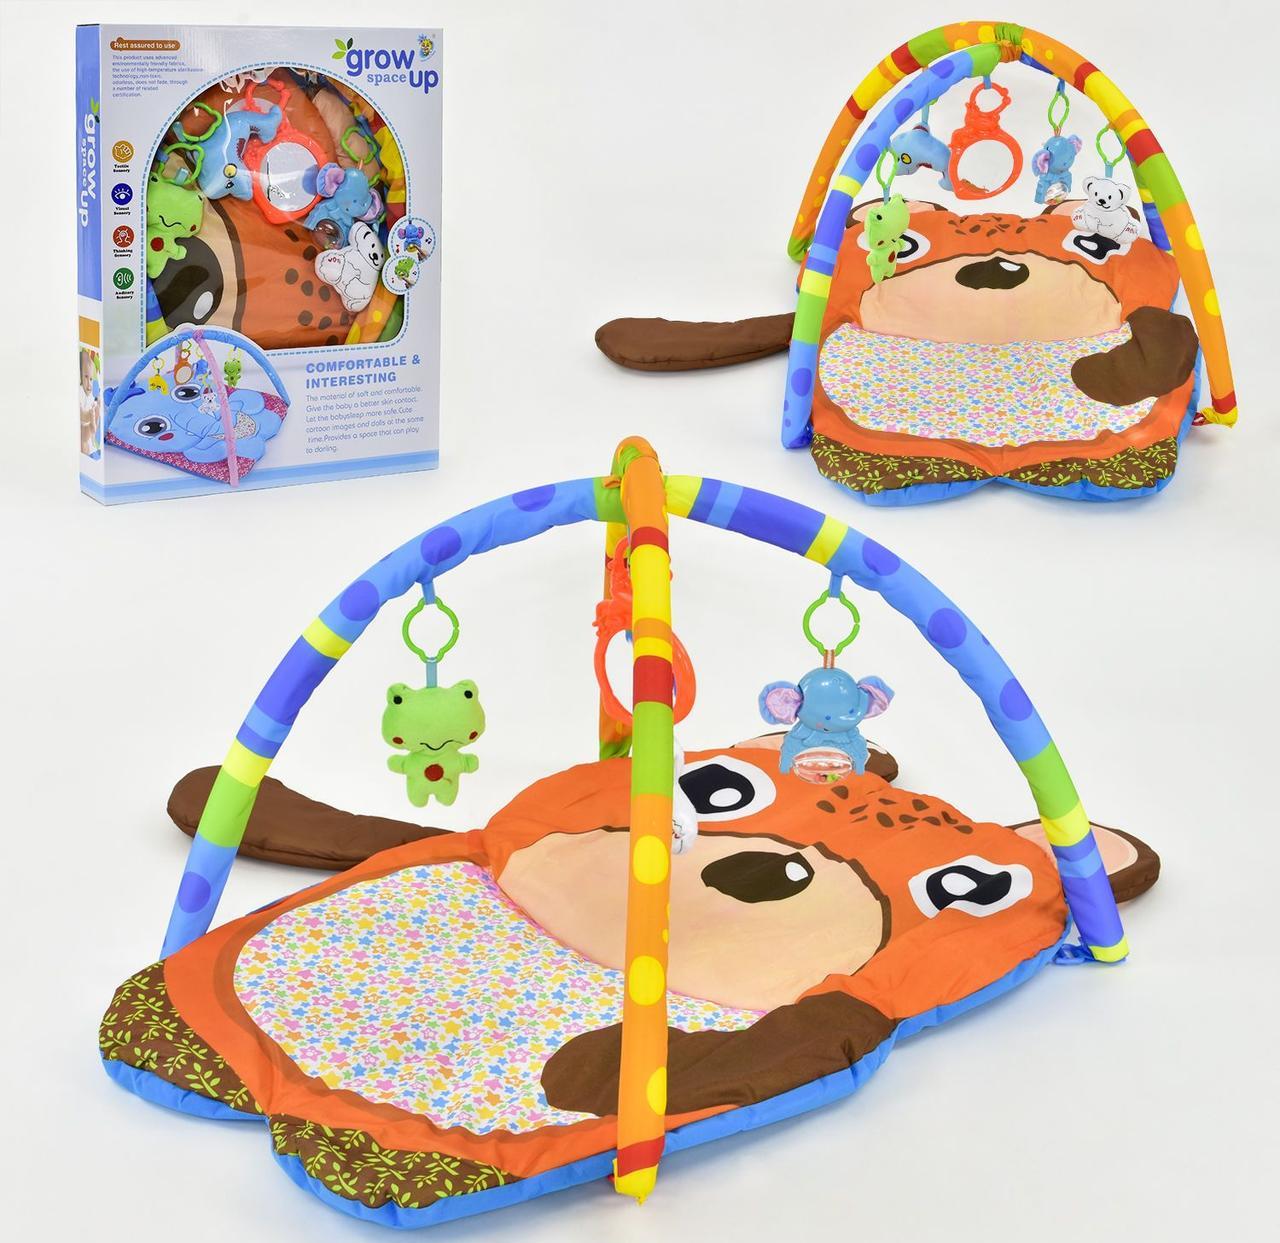 Килимок ігровий у формі Ведмедика з підвісними іграшками світлом та звуком